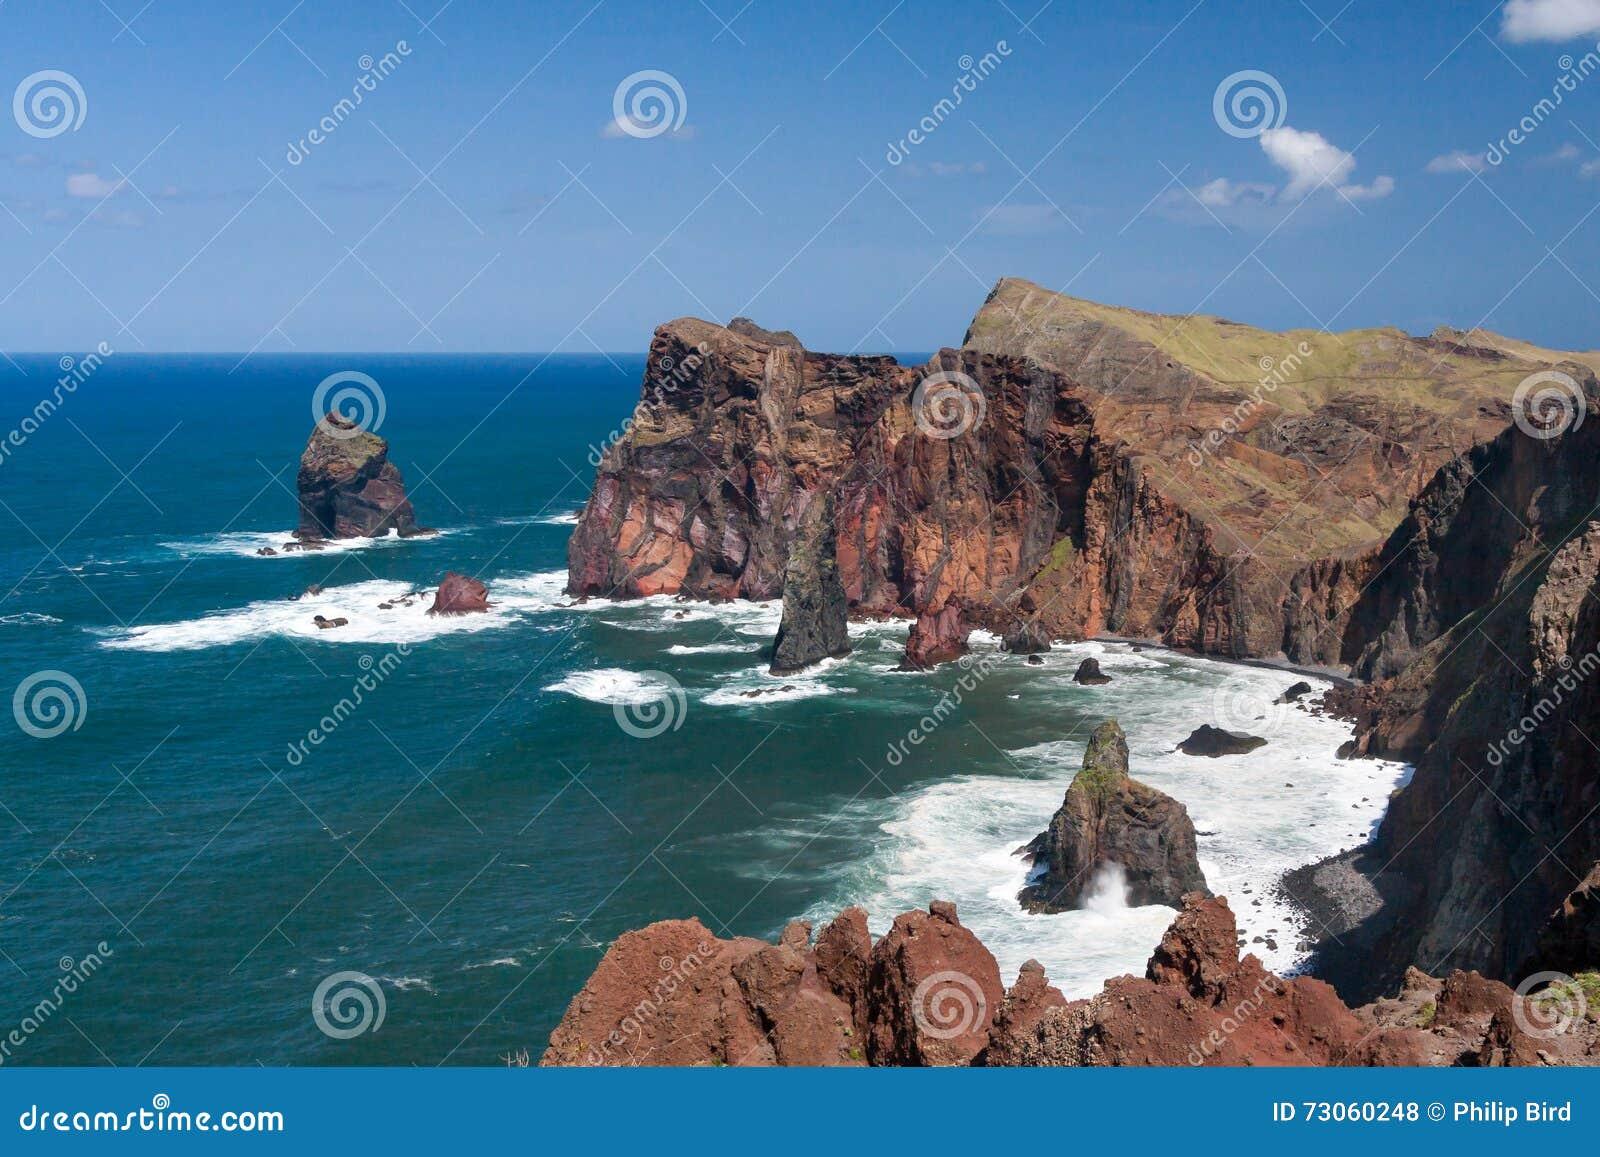 Los acantilados en St Lawrence Madeira que muestra la roca vertical inusual forman